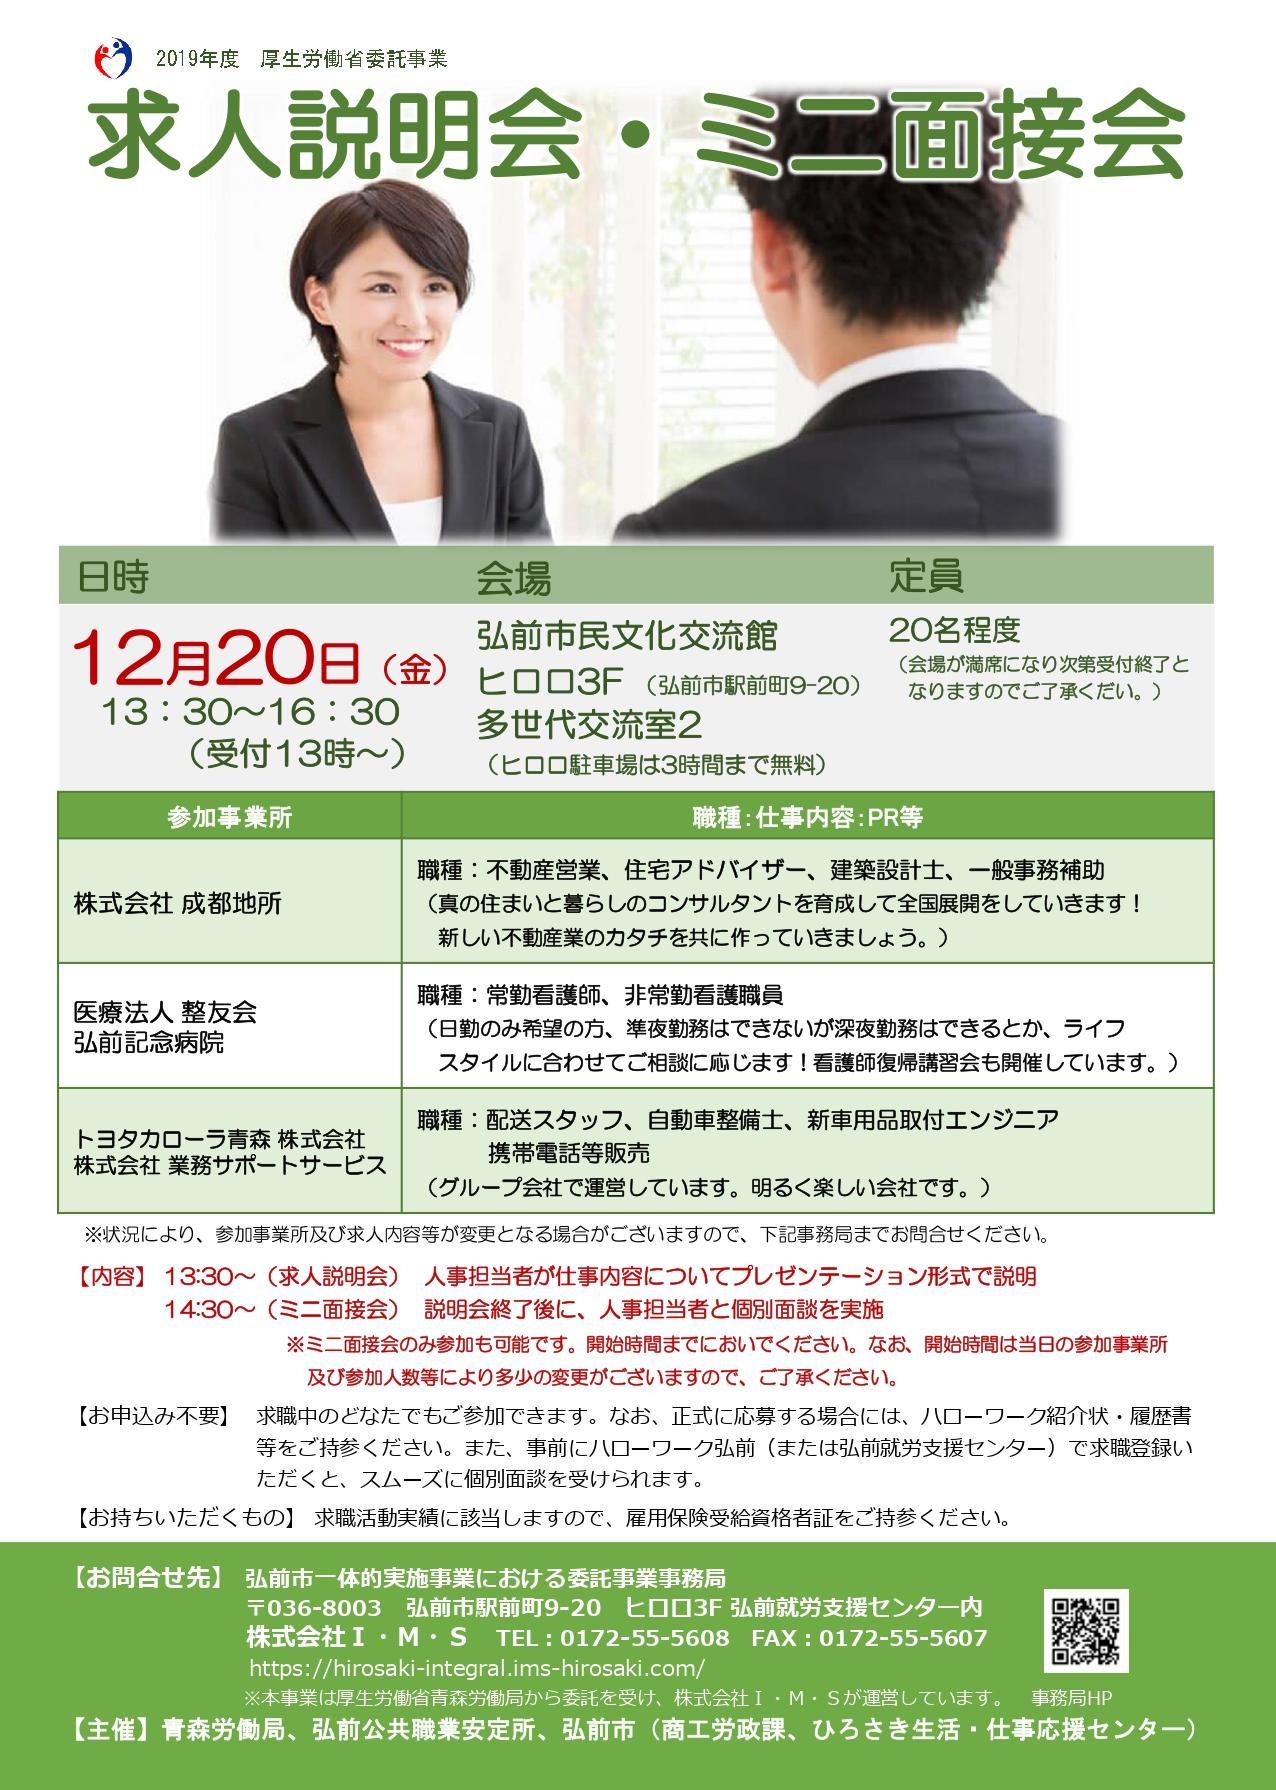 12月20日リーフレット(修正)_page-0001.jpg